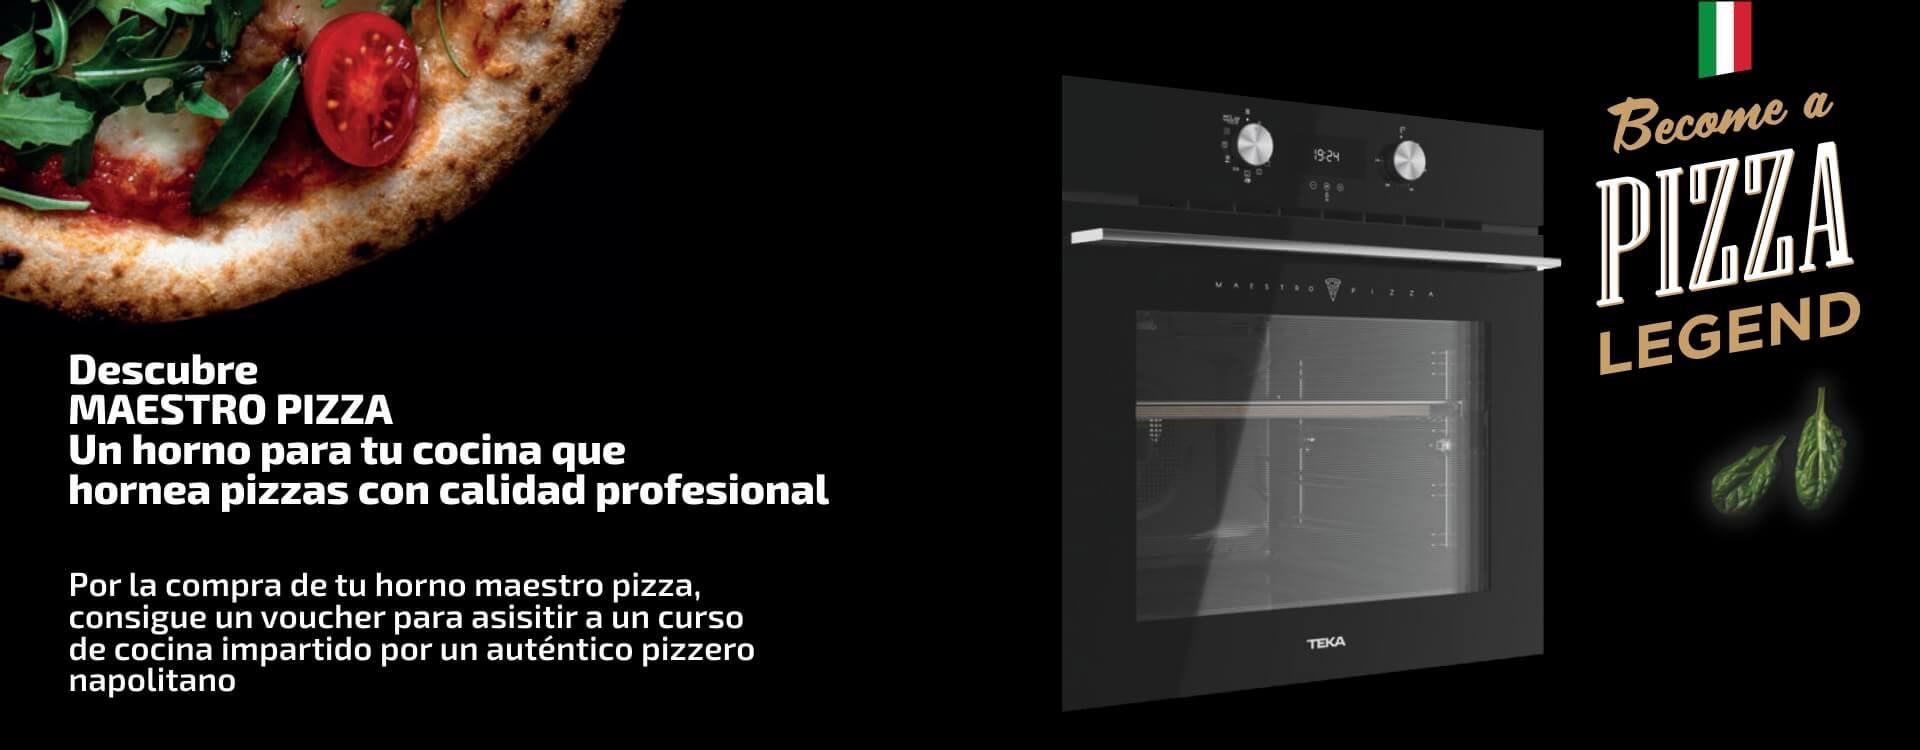 Pizza Legend de Teka